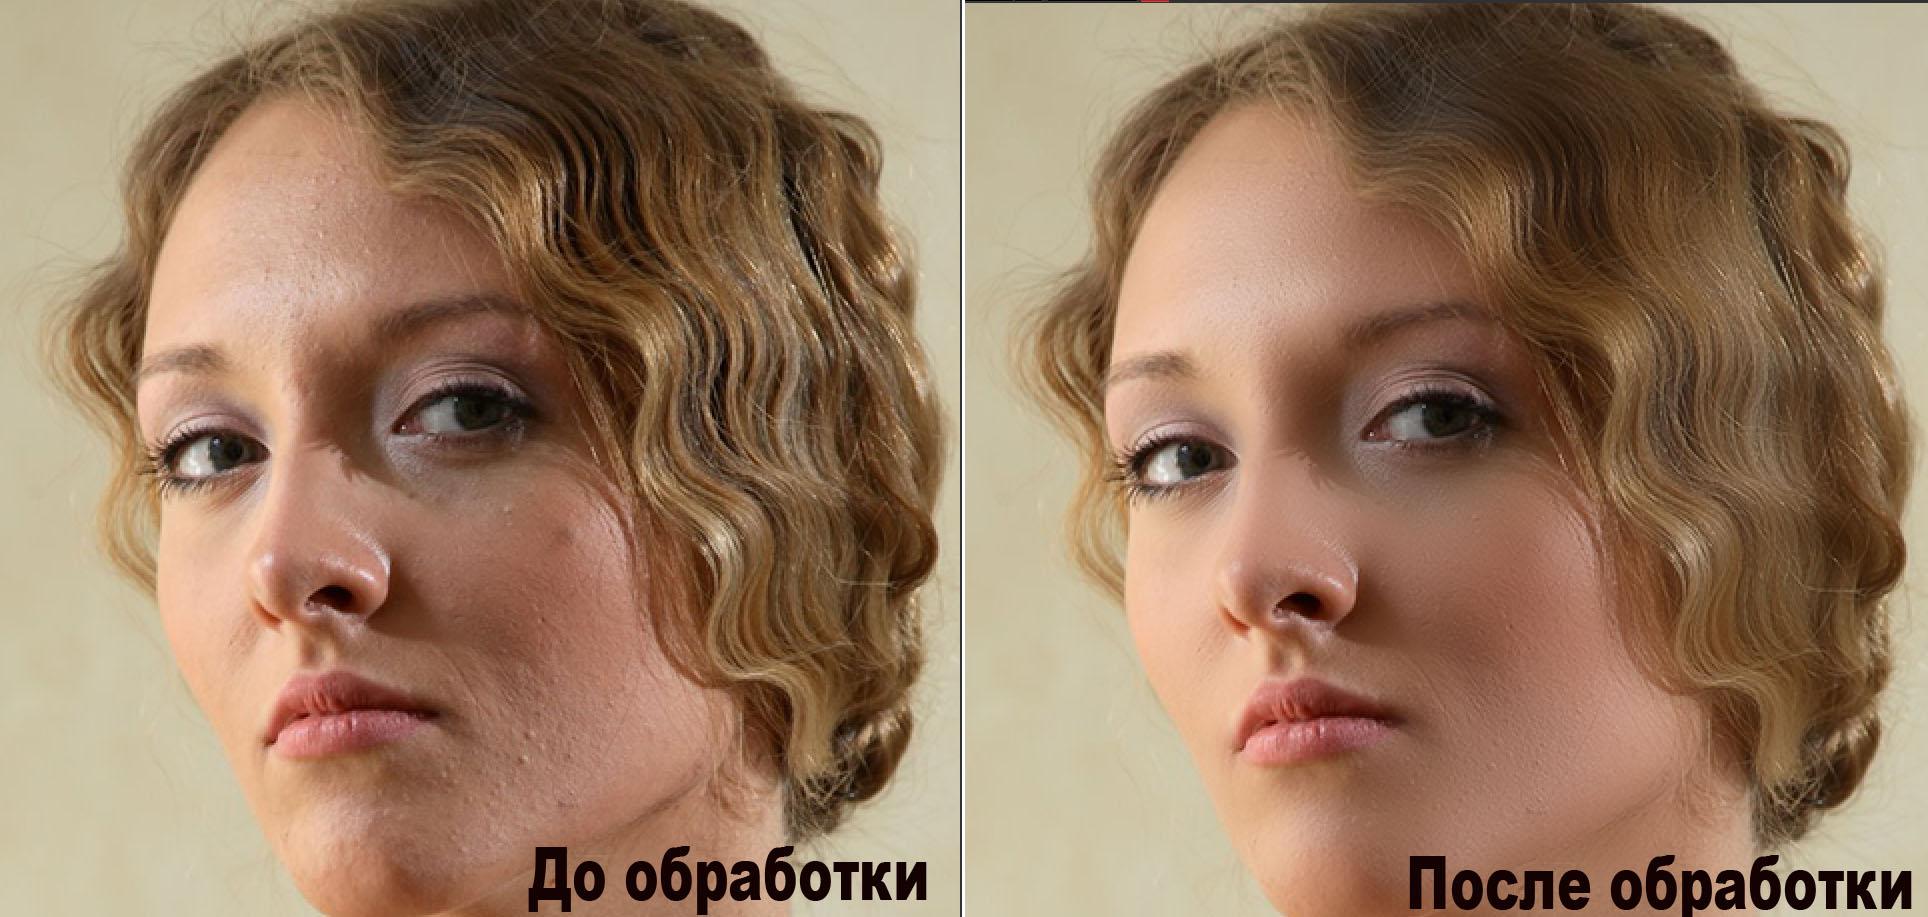 редактирование фото изменение прически